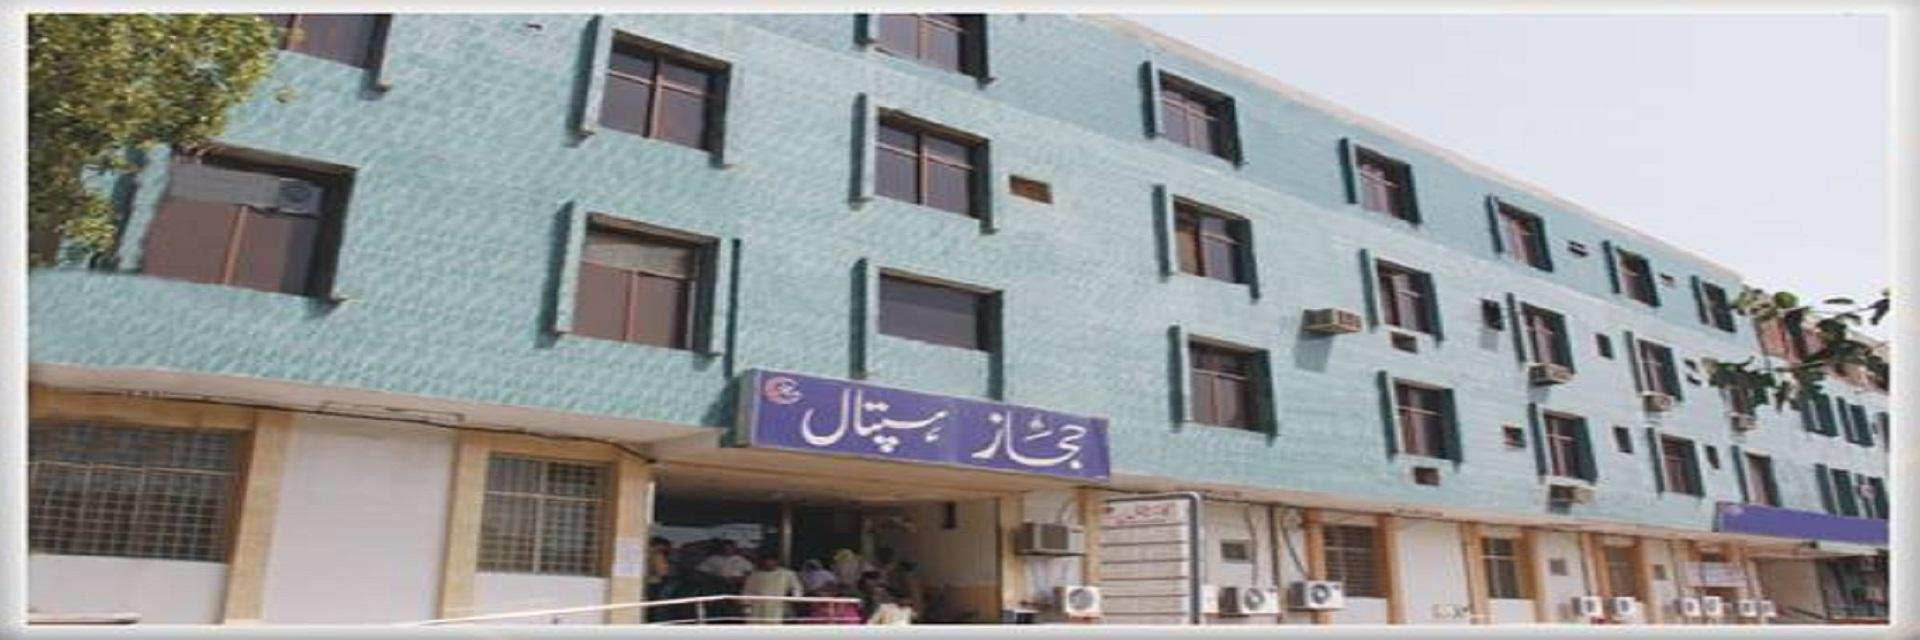 Hijaz hospital front